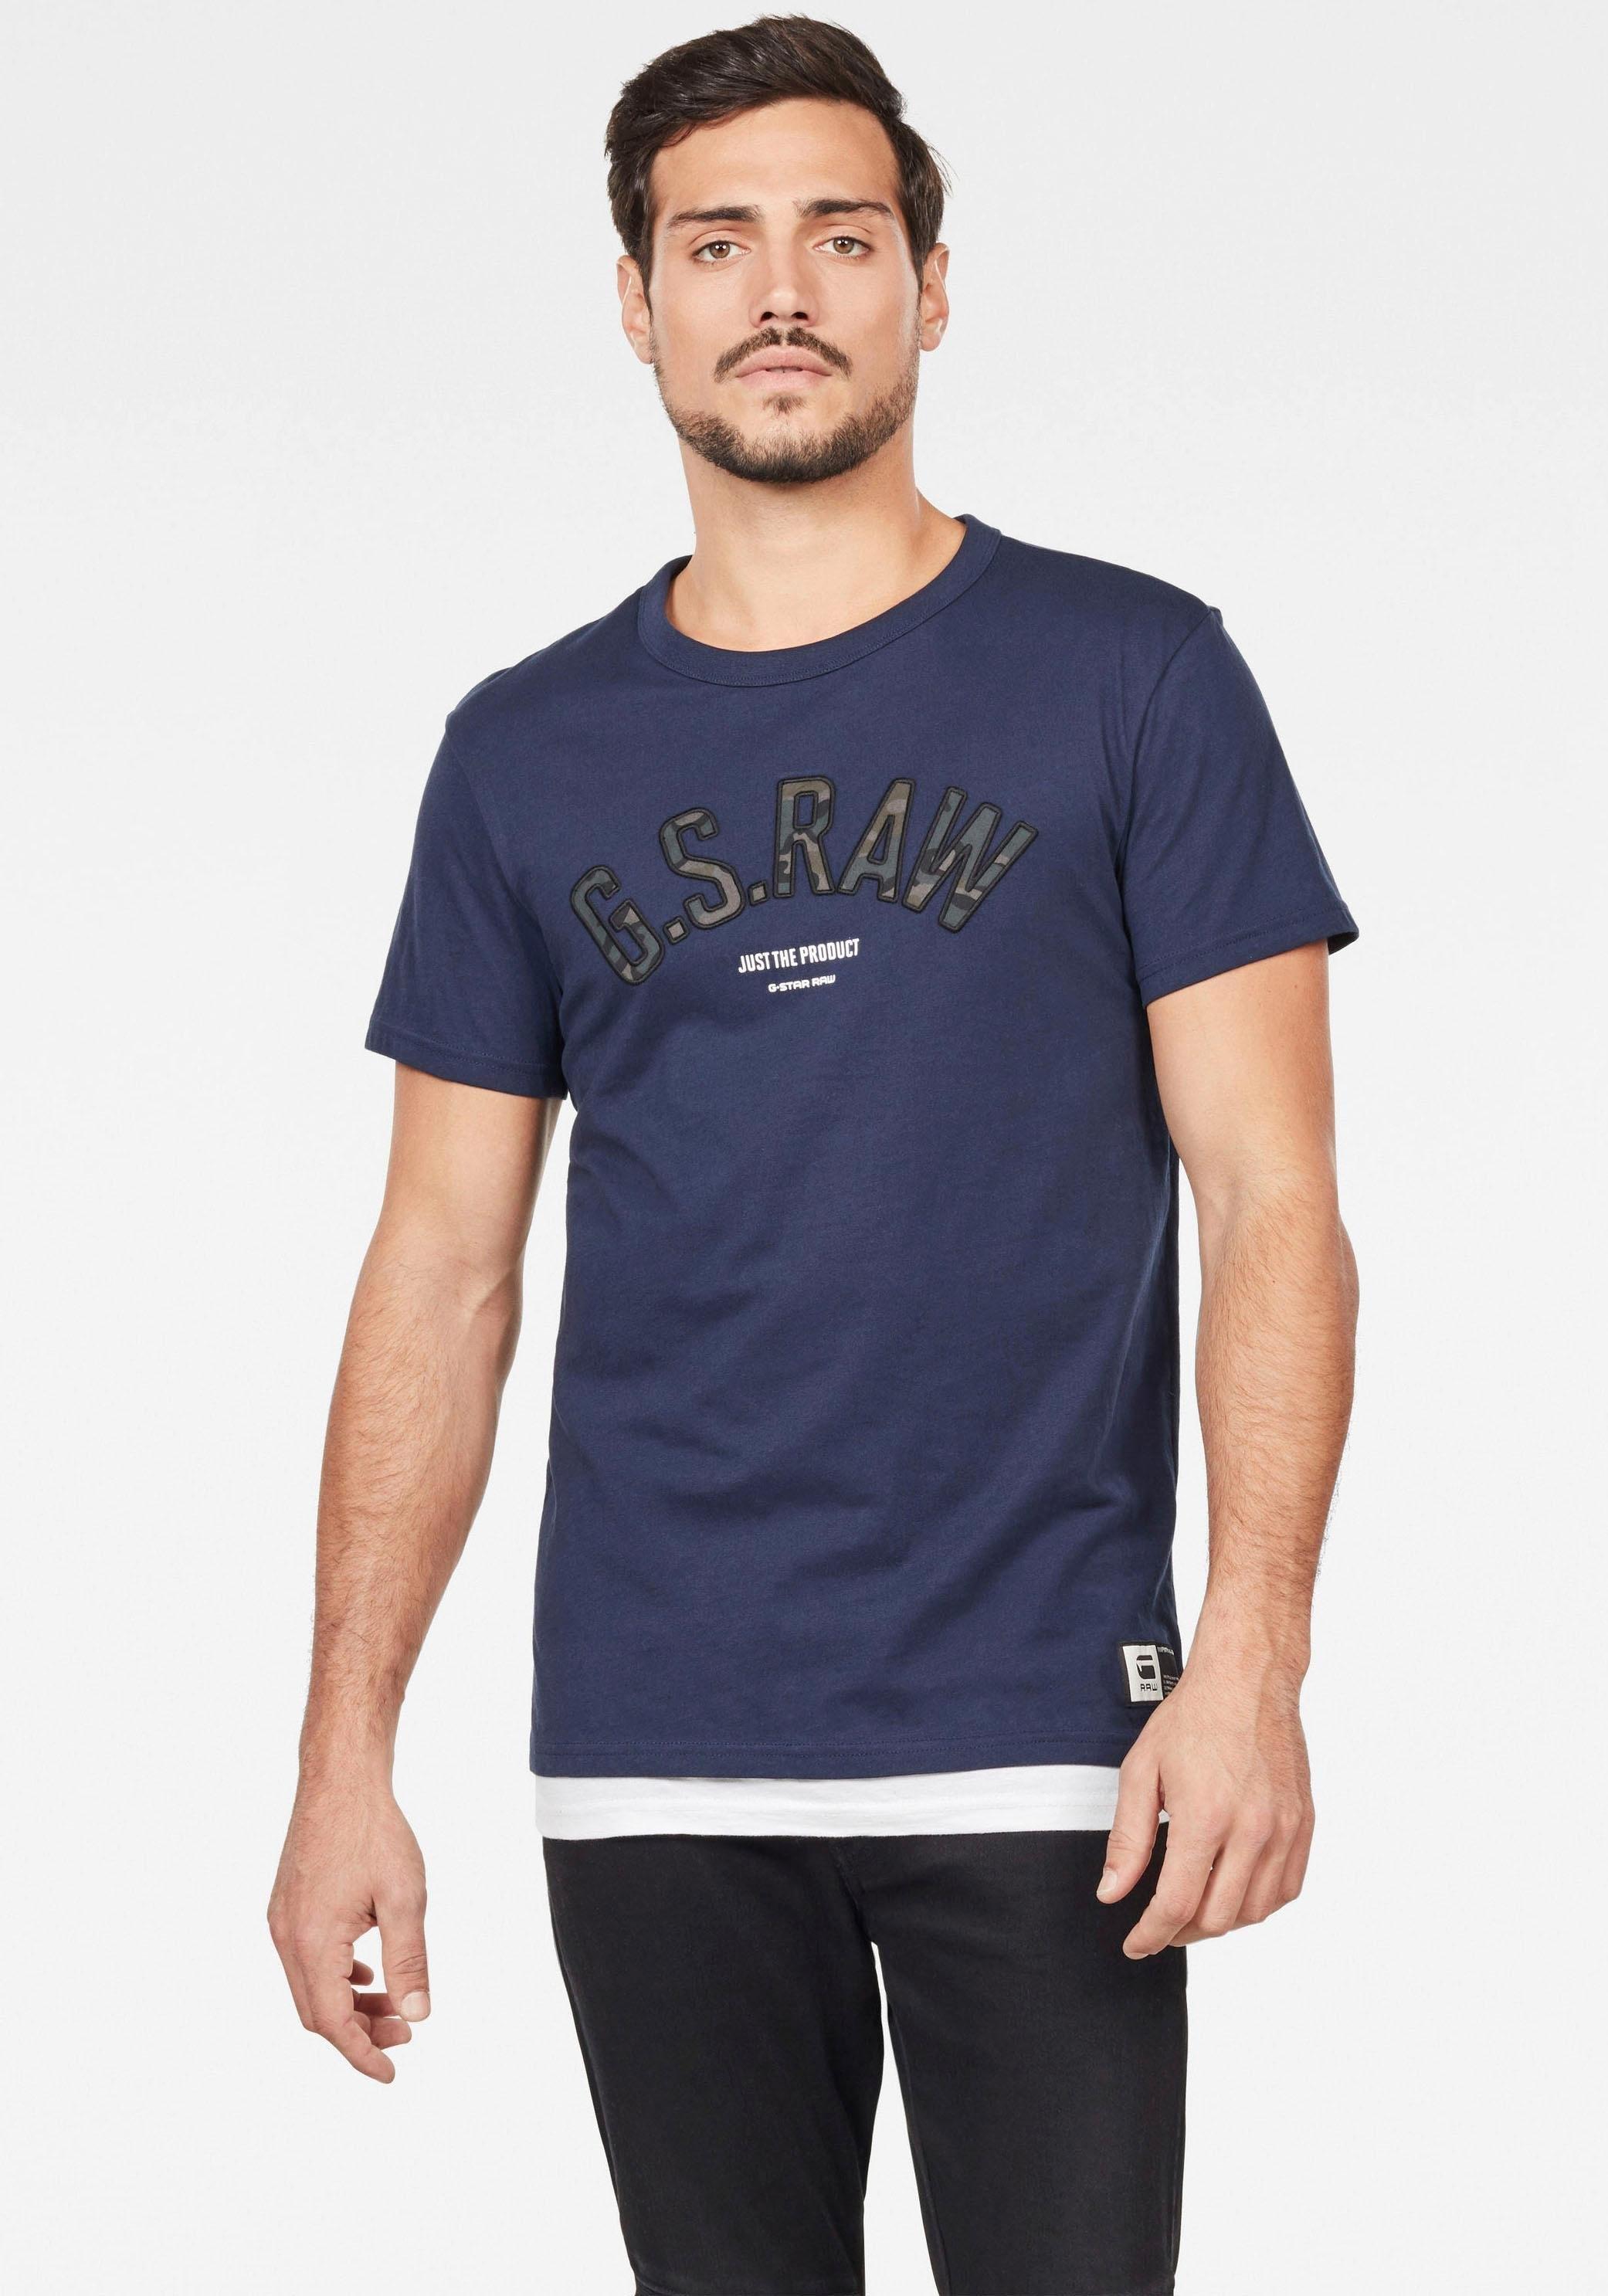 G-star Raw T-shirt »Graphic 12« - verschillende betaalmethodes